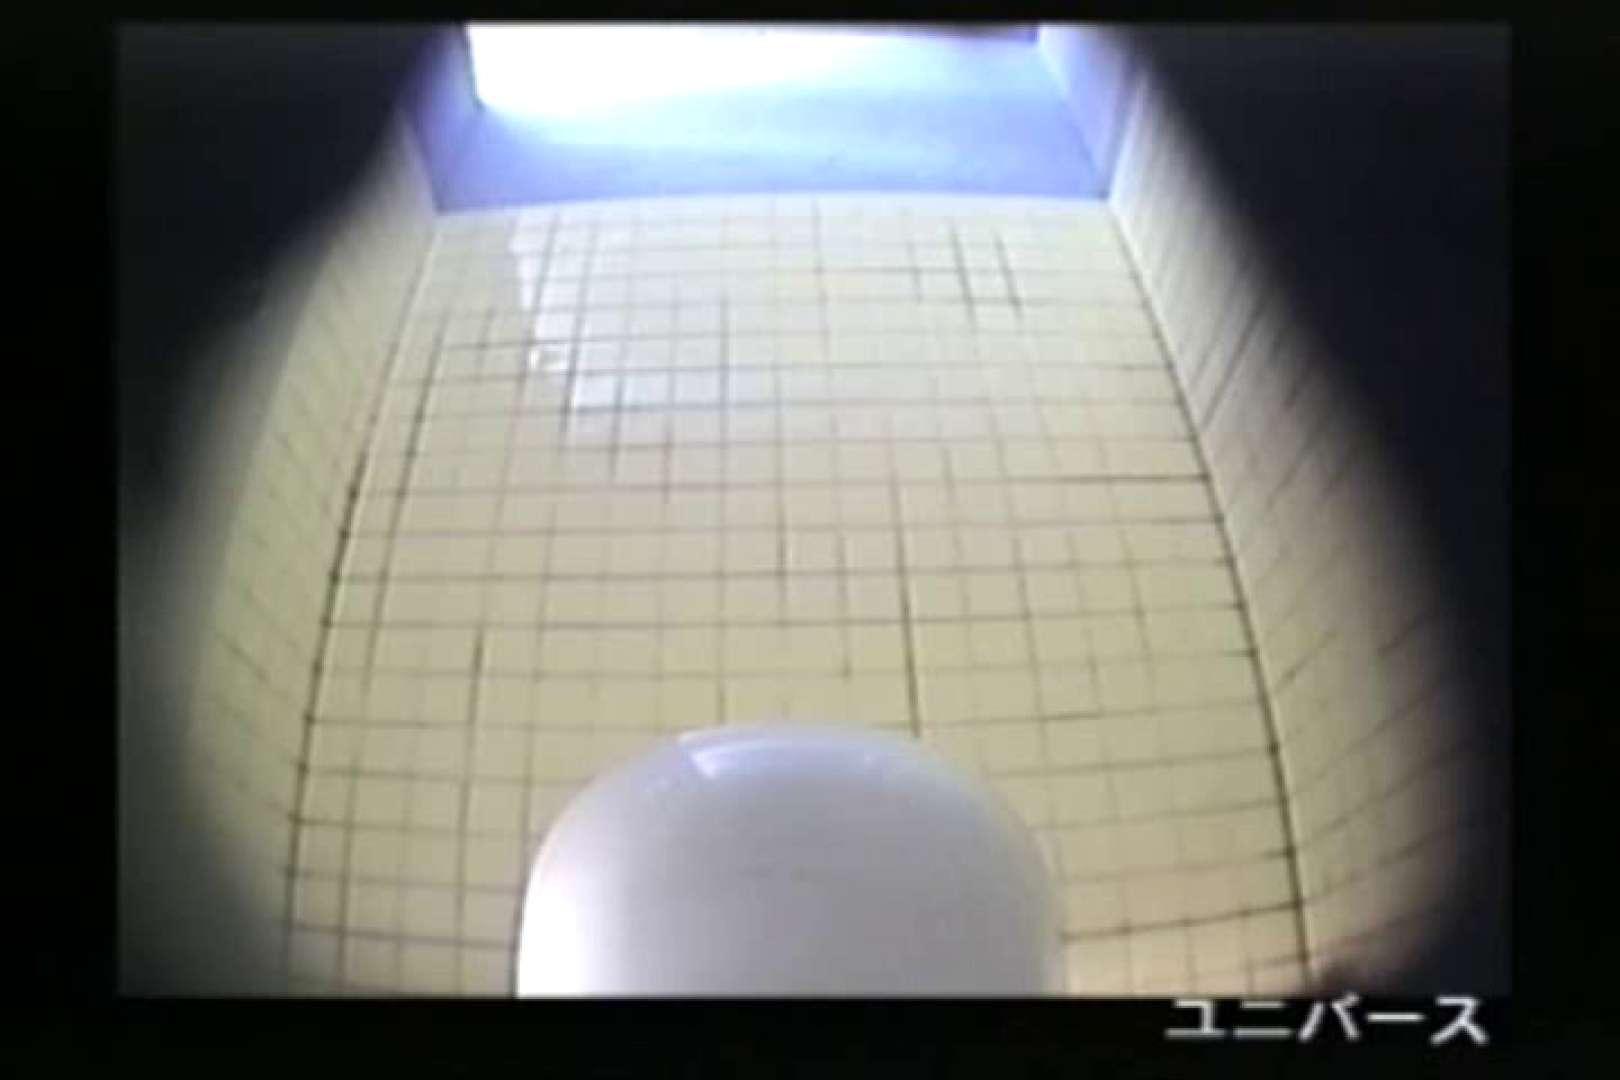 下半身シースルー洗面所Vol.6 エロティックなOL 盗撮画像 69画像 20